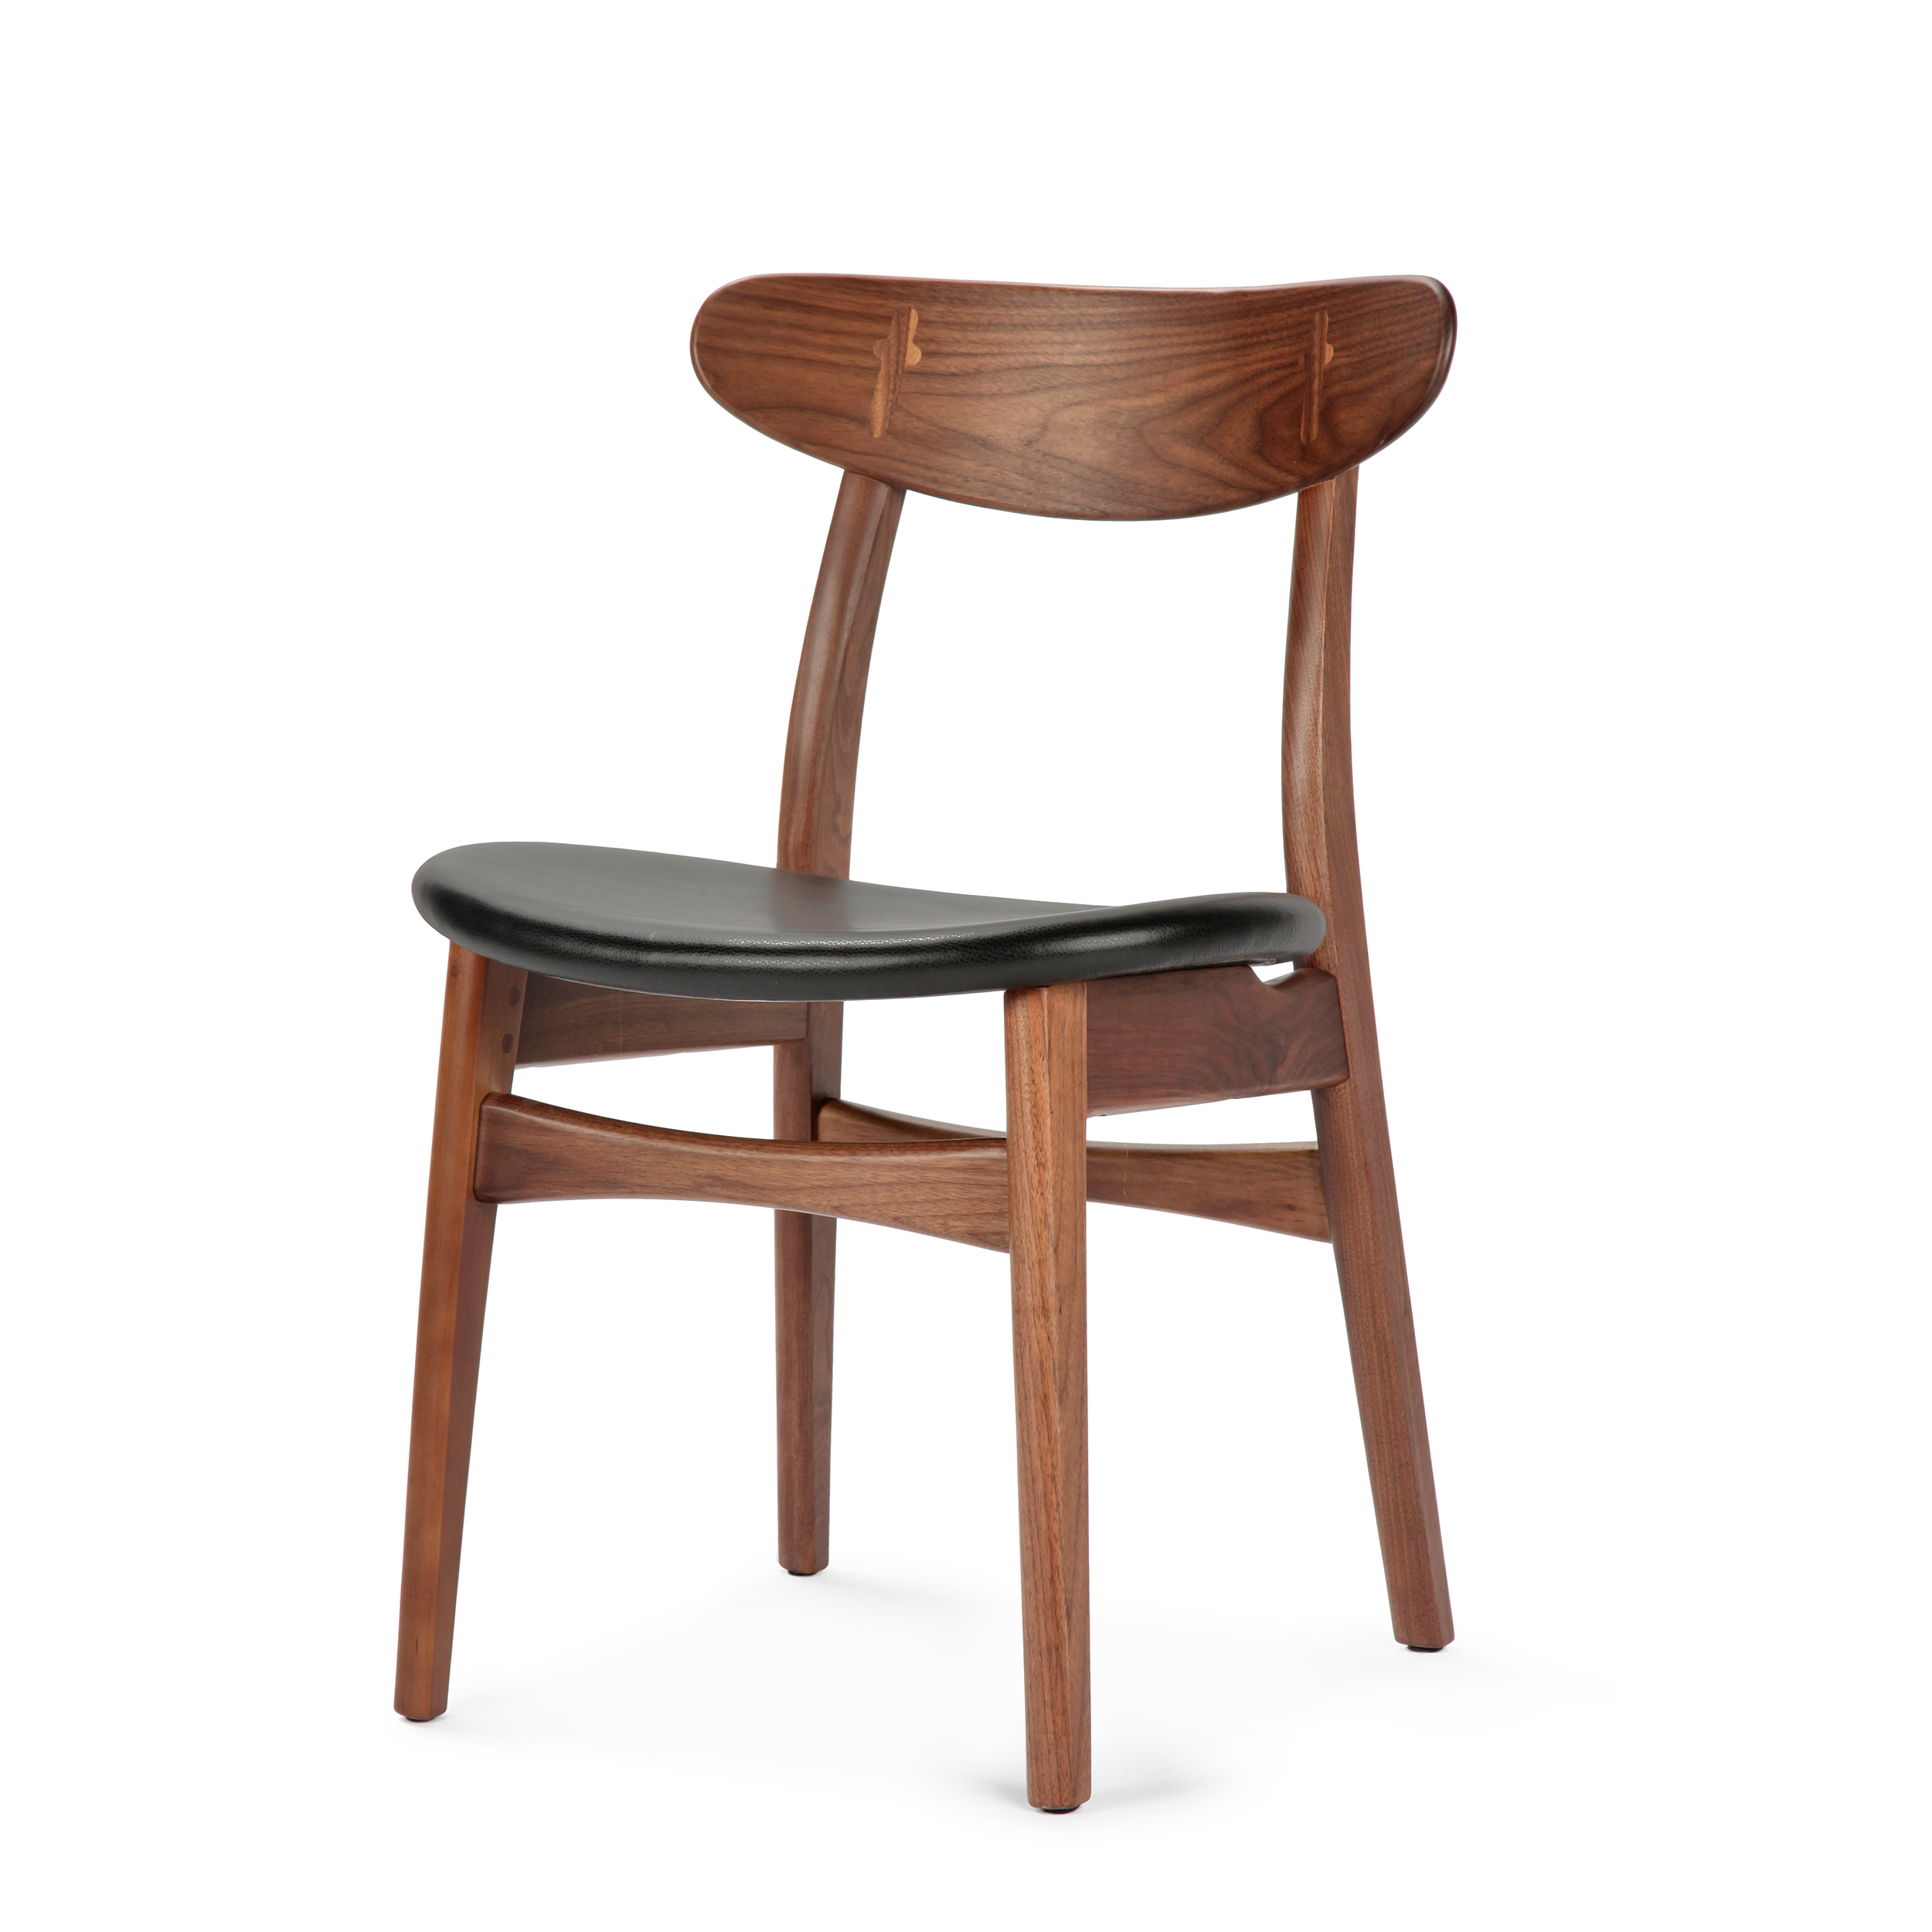 Стул Dutch 2Интерьерные<br>Дизайнерский деревянный стул Dutch 2 (Дуч 2) с мягким сиденьем от Cosmo (Космо).<br><br>     Порой некоторые предметы интерьера так и претендуют стать главными героями вашего дома. И вот уже некогда «гость» за обеденным столом становится полноценным членом семьи, взамен предлагая комфорт и уют.<br><br><br> Стул Dutch 2 как раз из их числа. Благодаря стильному и лаконичному дизайну у него есть все шансы стать незаменимым помощником во время трапез за семейным обеденным столом. <br><br><br>     Сложная на вид ...<br><br>stock: 10<br>Высота: 78,5<br>Высота сиденья: 44,5<br>Ширина: 53<br>Глубина: 49<br>Материал каркаса: Массив ореха<br>Тип материала каркаса: Дерево<br>Цвет сидения: Черный<br>Тип материала сидения: Кожа<br>Коллекция ткани: Harry Leather<br>Цвет каркаса: Орех